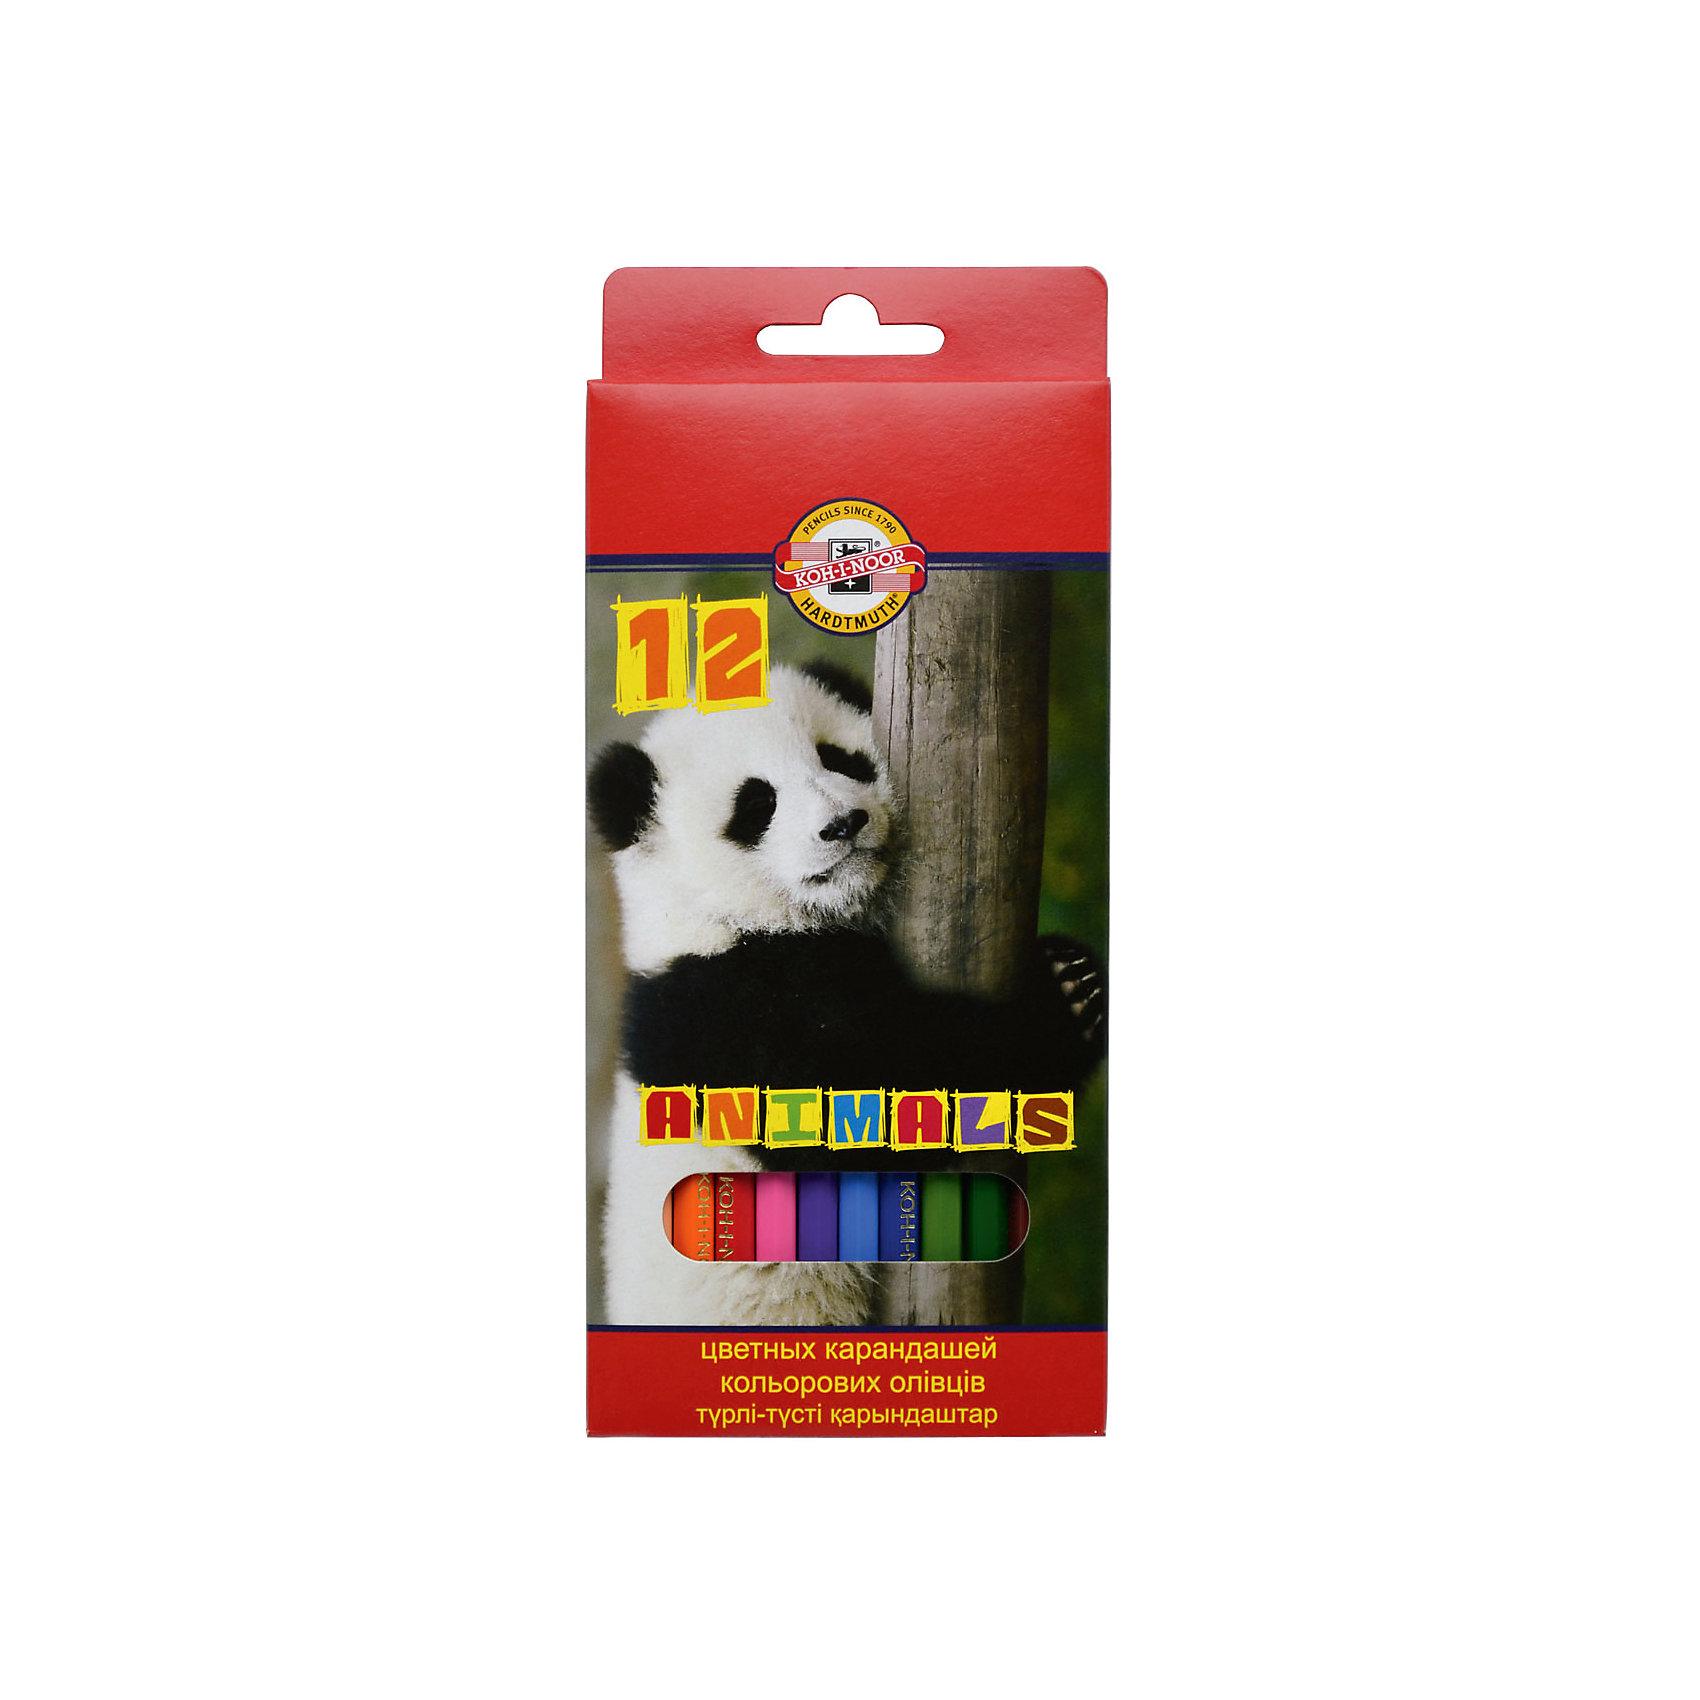 KOH-I-NOOR Набор карандашей цветных ЖИВОТНЫЕ, 12 цвРисование<br>Школьные карандаши, шестигранный корпус, заточенные. Длина стержня - 175 мм. Диаметр грифеля - 3 мм. 12 цветов. В картонной коробке с европодвесом<br><br>Ширина мм: 190<br>Глубина мм: 160<br>Высота мм: 10<br>Вес г: 75<br>Возраст от месяцев: 36<br>Возраст до месяцев: 168<br>Пол: Унисекс<br>Возраст: Детский<br>SKU: 6888693